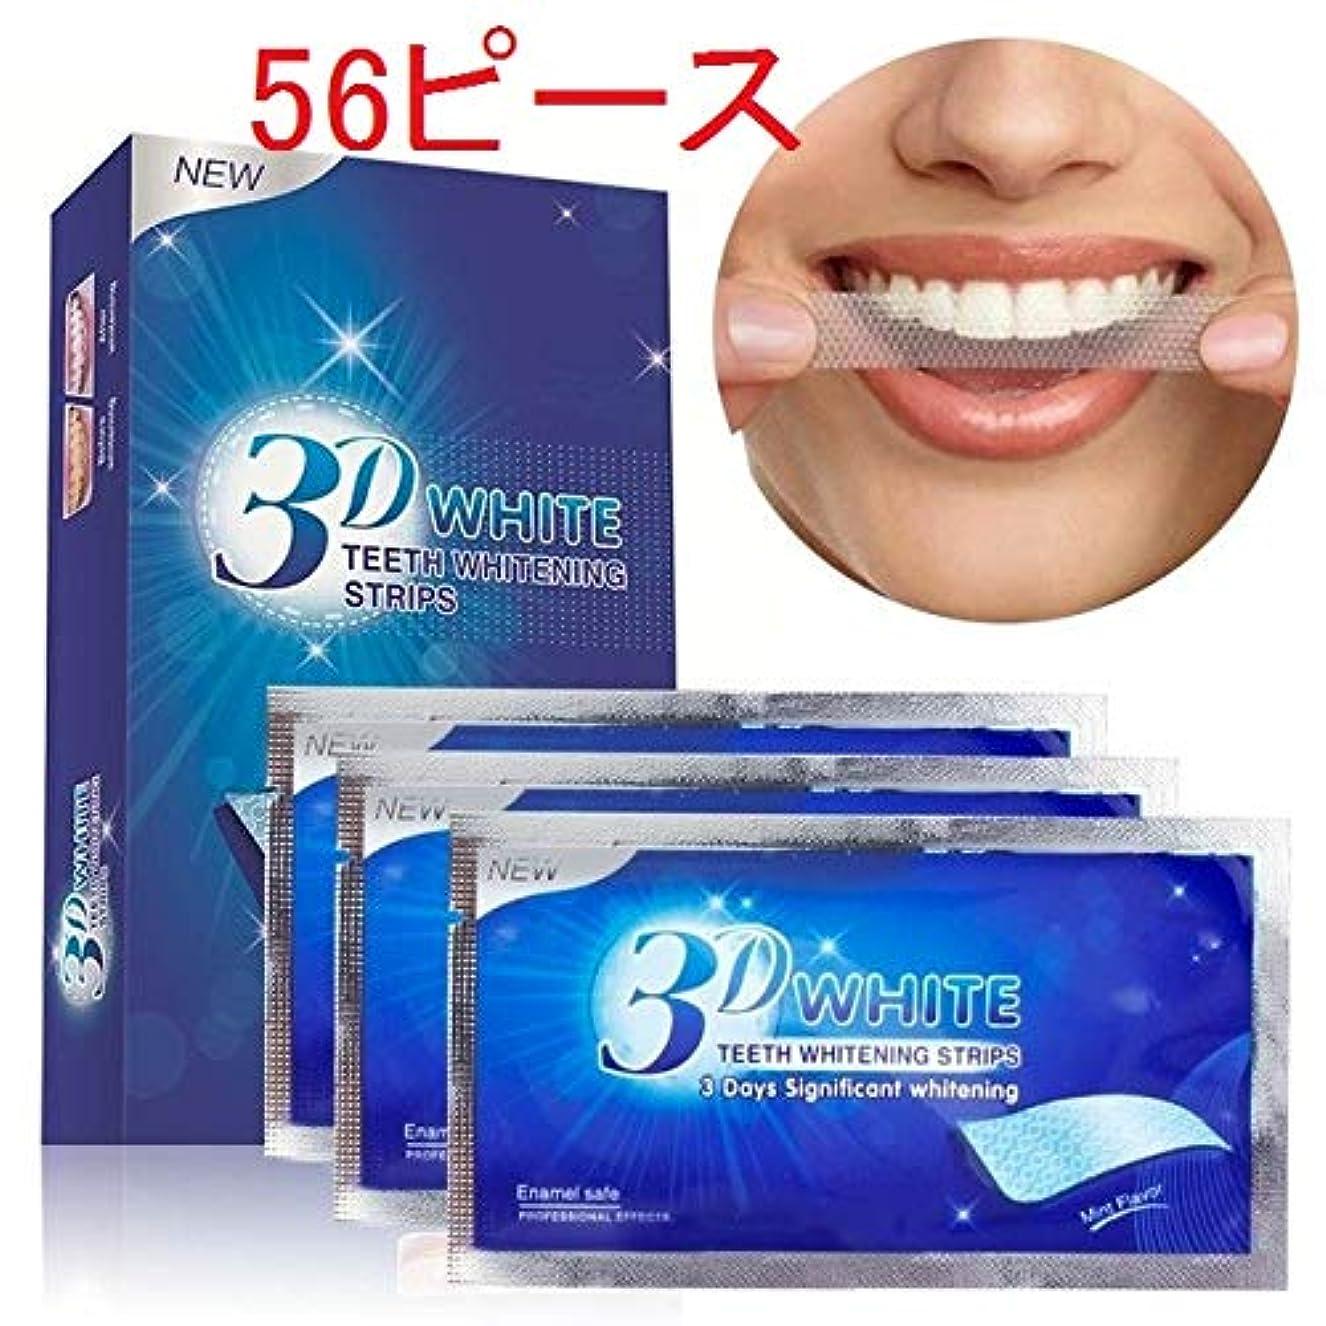 遷移打ち負かす予防接種する28ペア)56個 ホワイトストライプを白くする歯 - 歯のケア用ホワイトストリップ - ストリップを白くする歯 - 高速ホワイトニング Teeth Whitening White Stripes - Tooth Care Whitestrips - Teeth Whitening Strips - Teeth Fast Whitening (28 pair) 56 Pieces